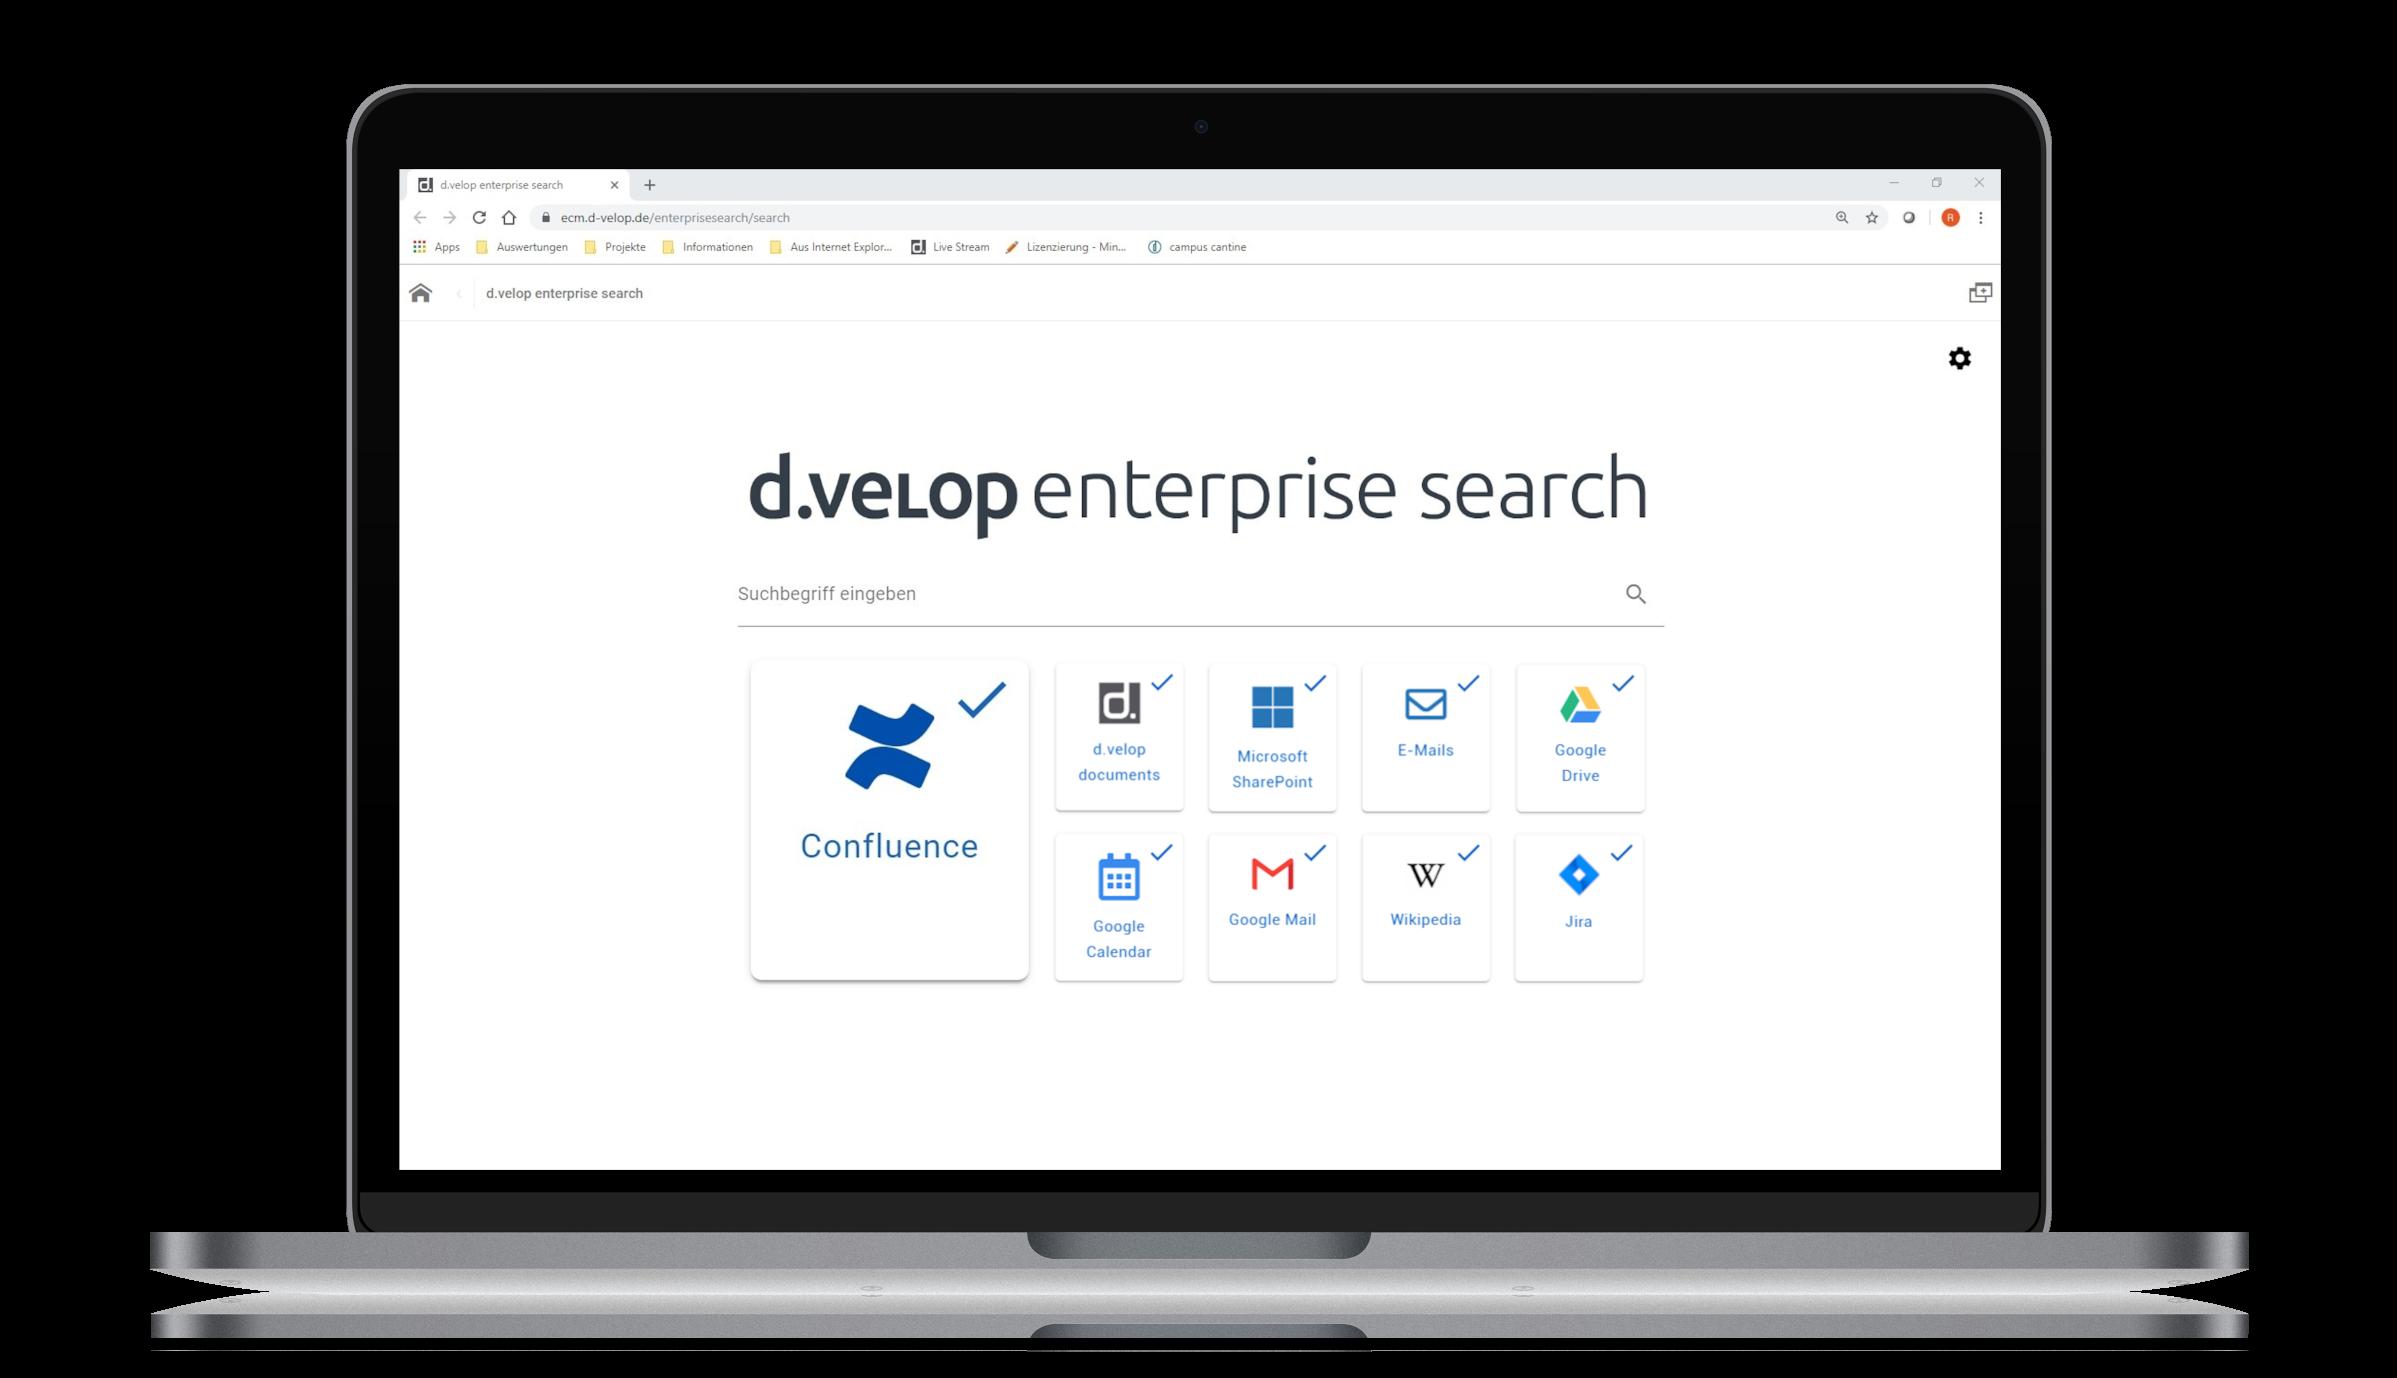 d.velop enterprise search for Atlassian Confluence